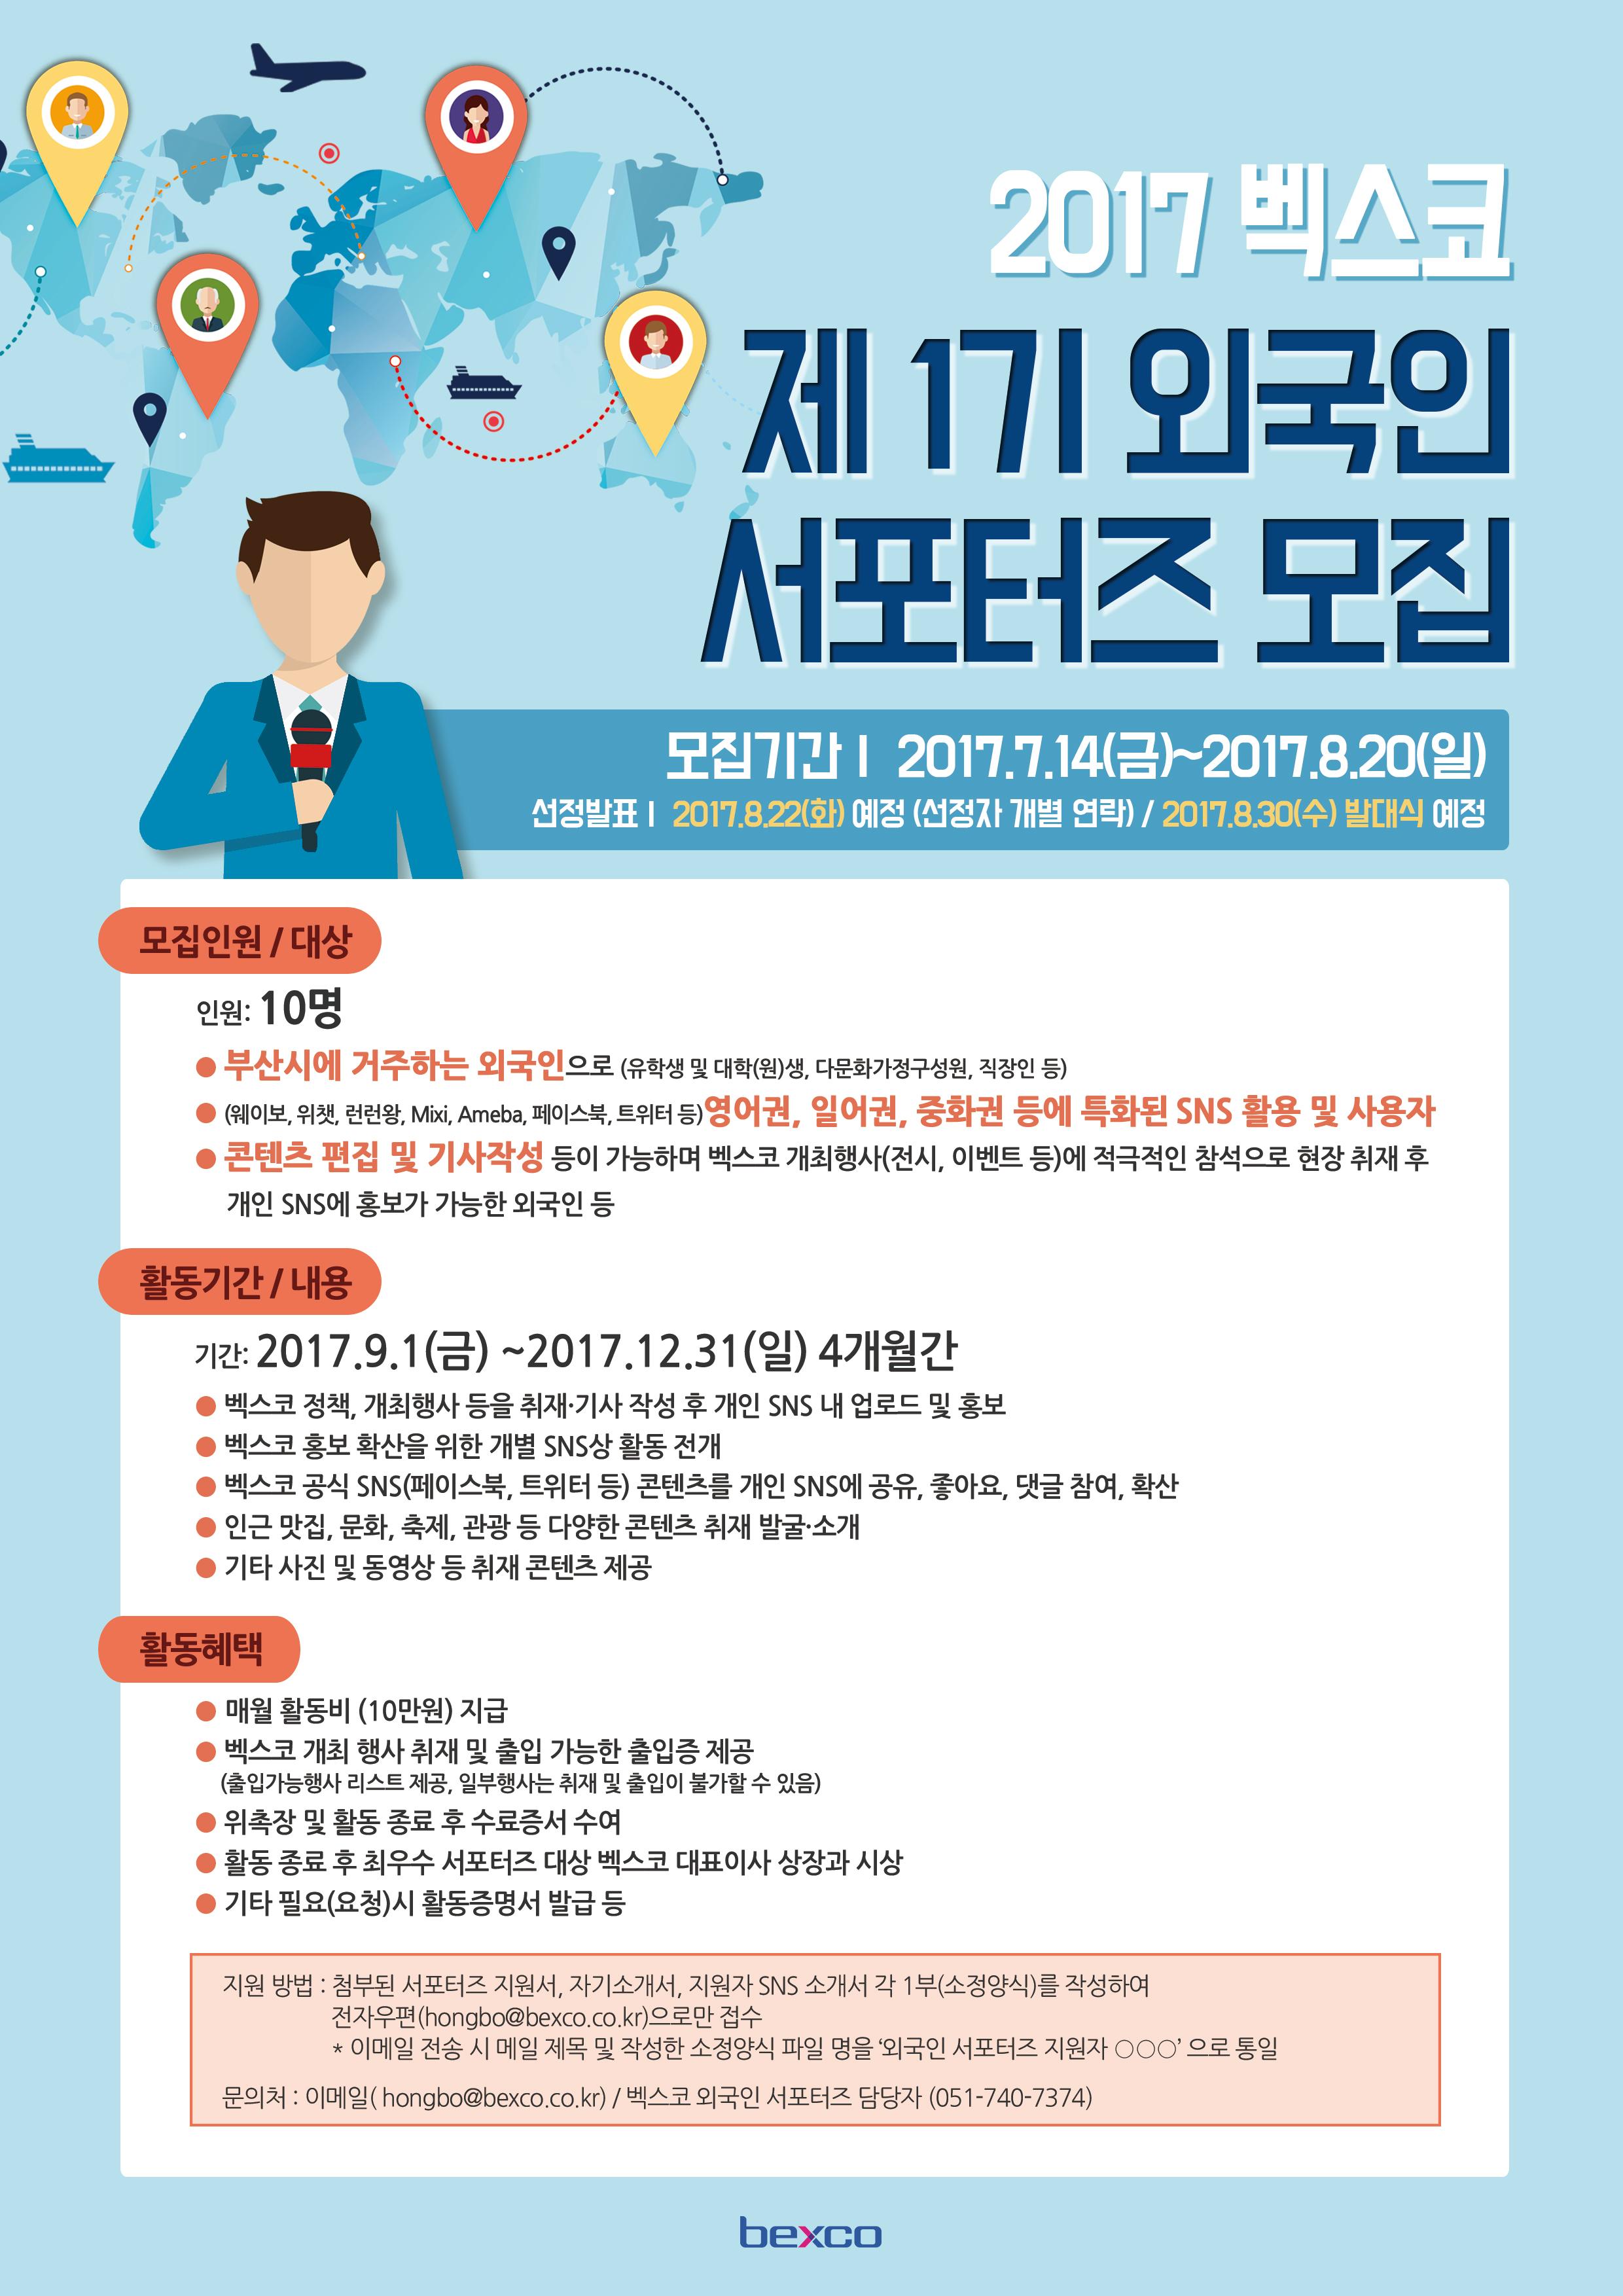 2017년 벡스코 제1기 외국인 서포터즈 모집